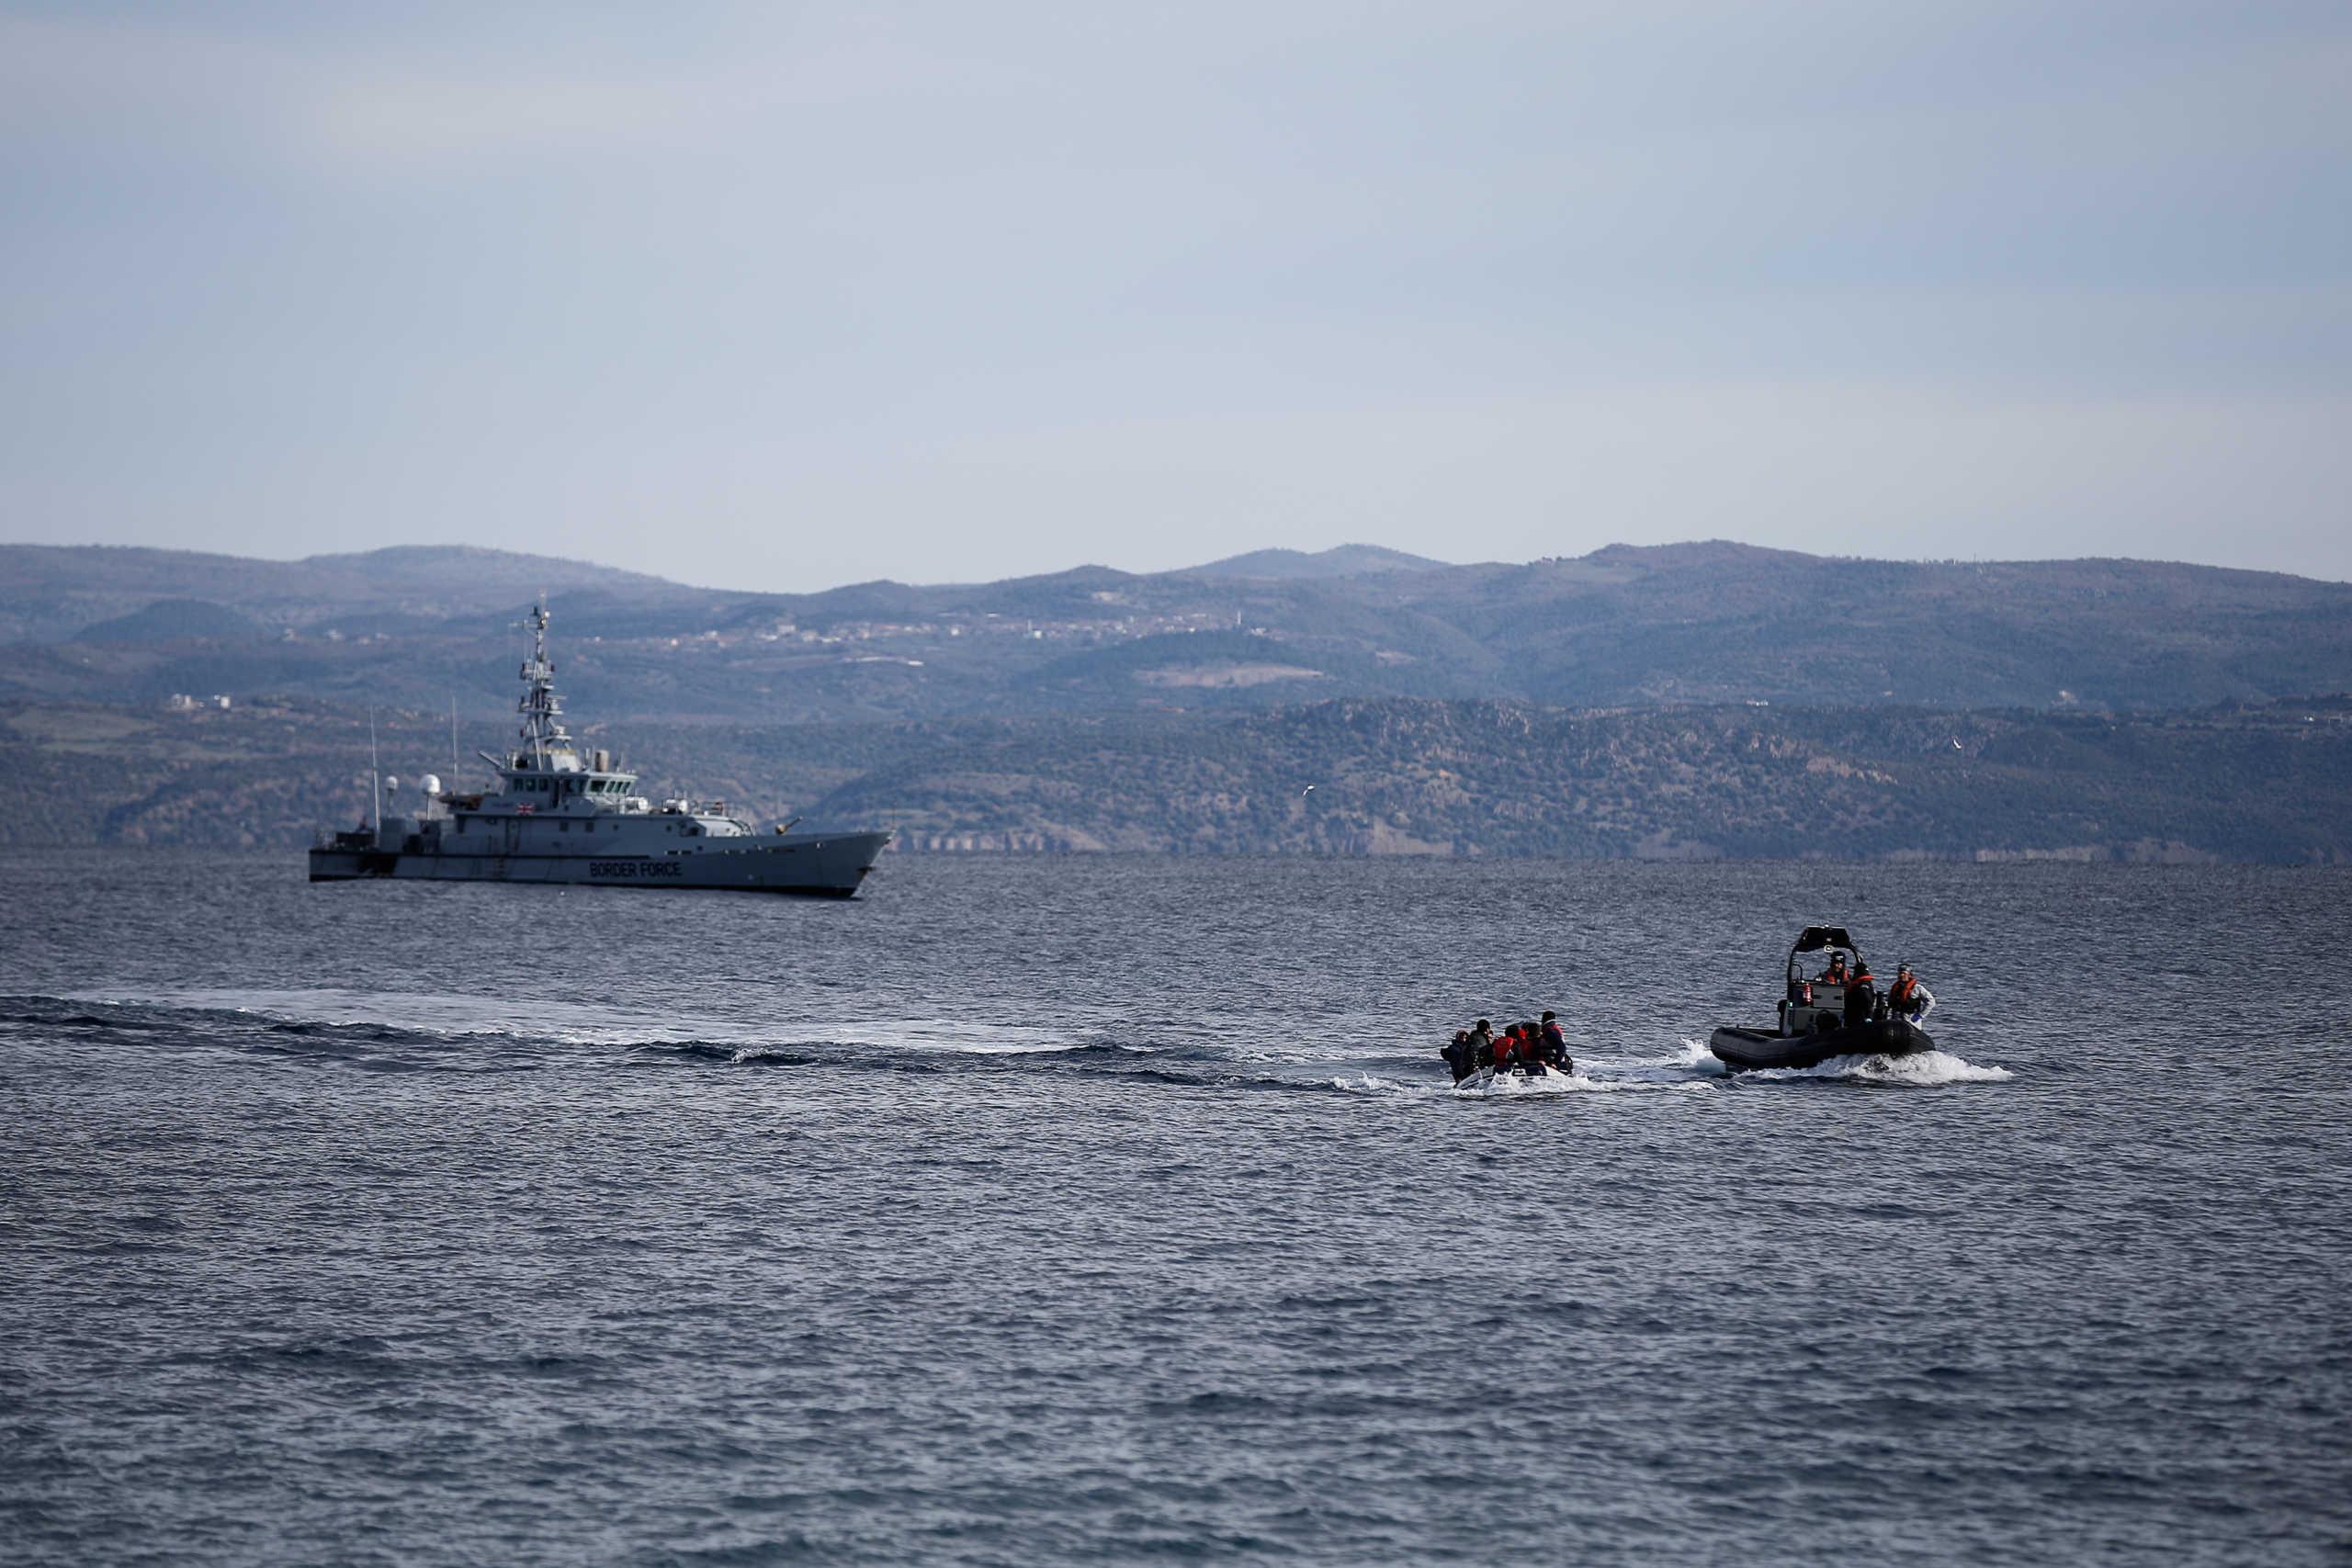 Η Ελλάδα θωρακίζει τα σύνορά της απέναντι στον ωμό εκβιασμό Ερντογάν - Άνοιξε από τα ξημερώματα τα περάσματα στους πρόσφυγες